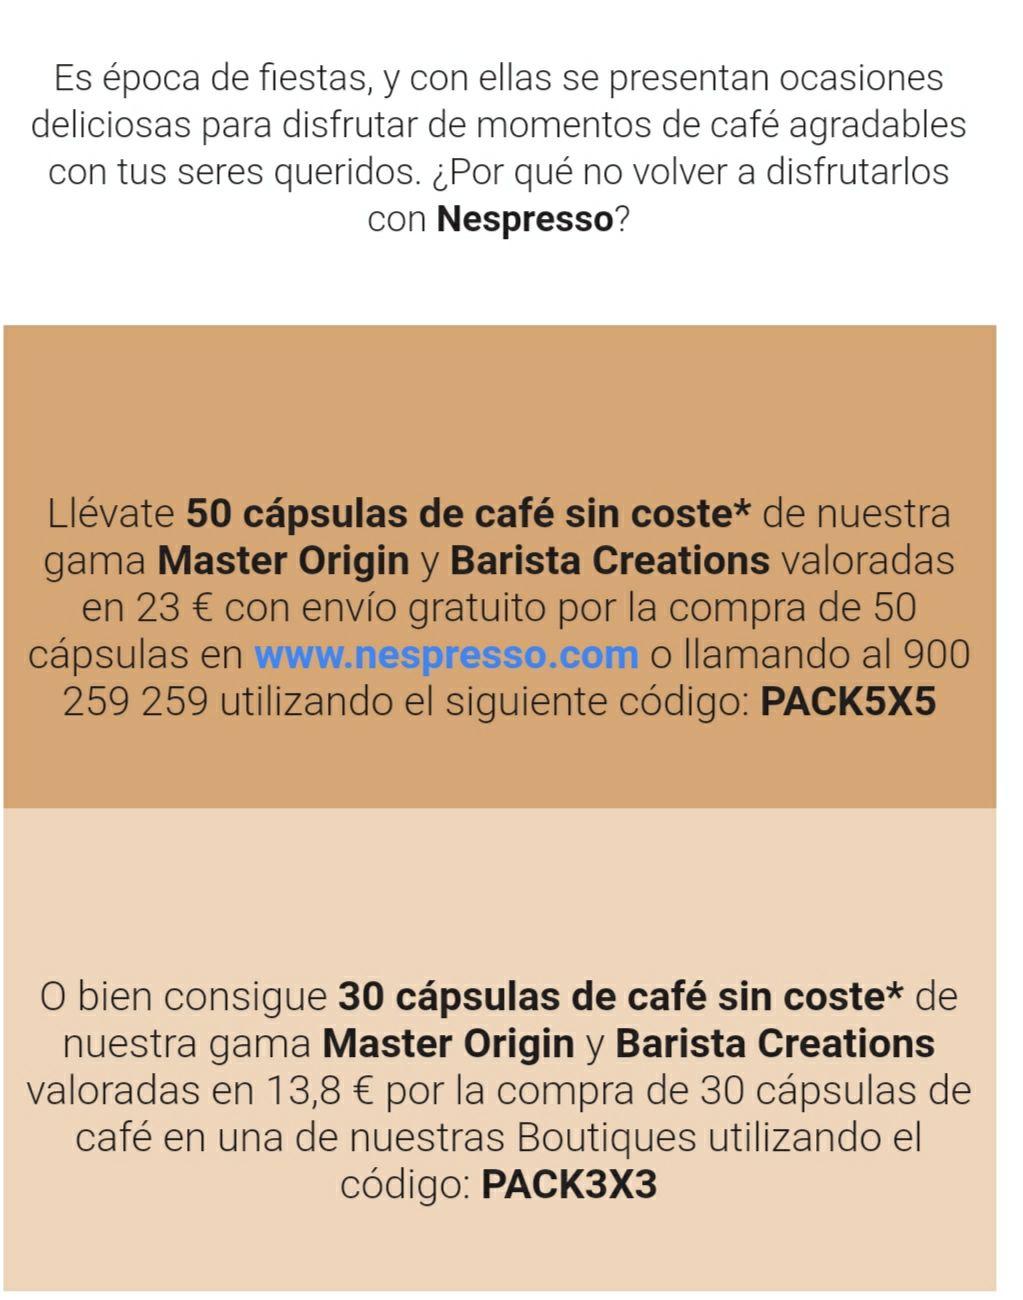 Capsulas nespresso extra con tu pedido en nespresso.com